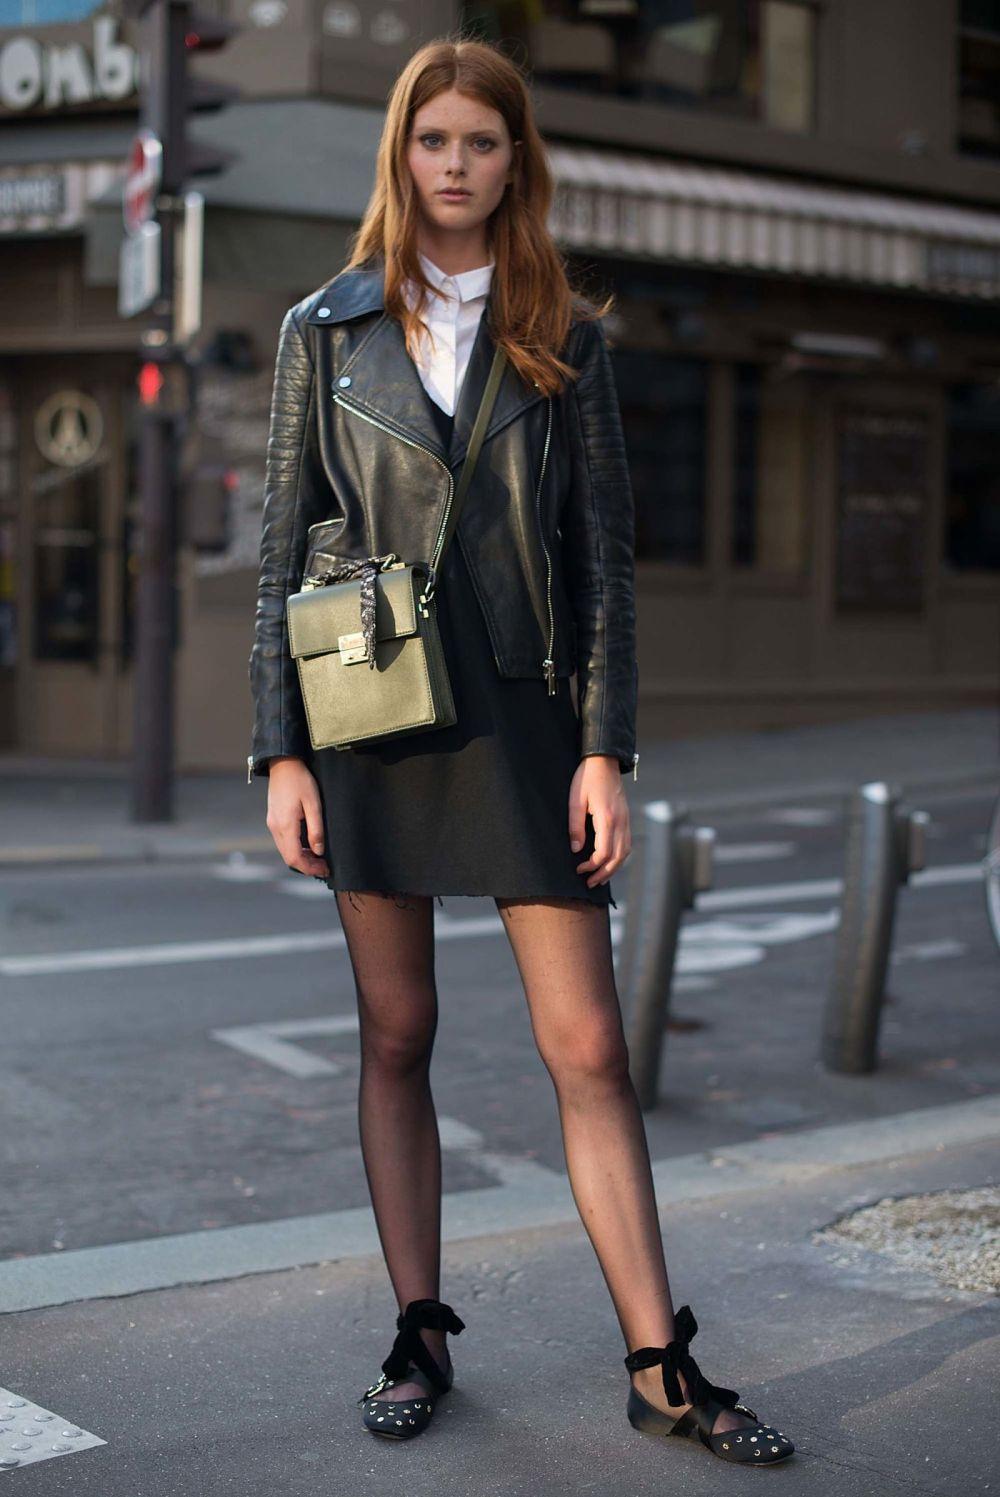 Resultado de imagen de outfit con medias negras de cristal